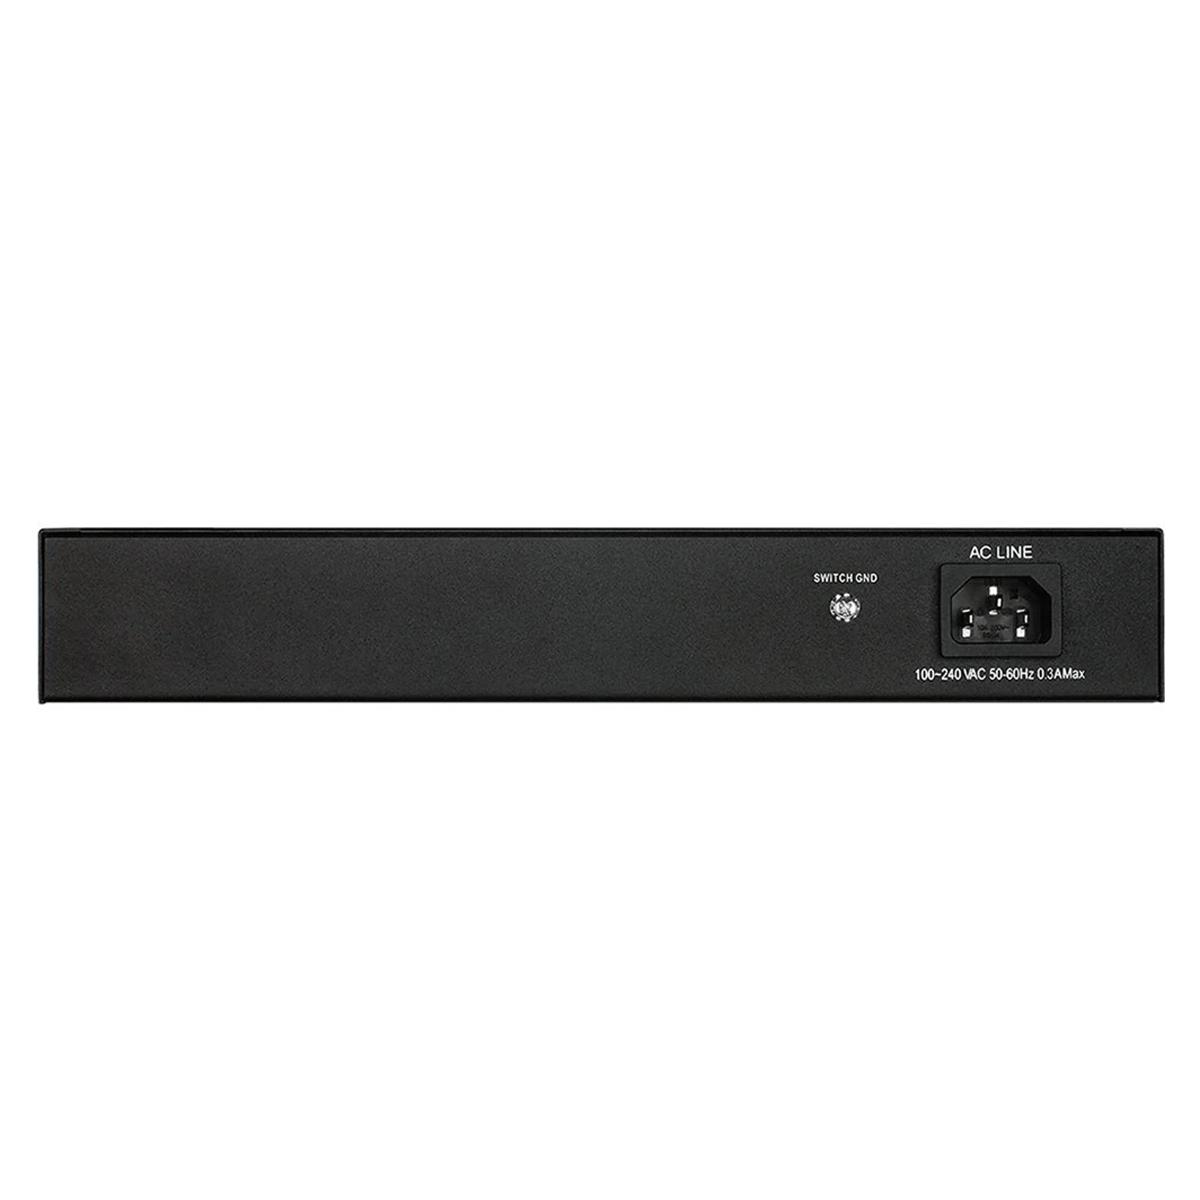 Switch D Link 24 Portas 10/100/1000 Mbps DGS 1024C